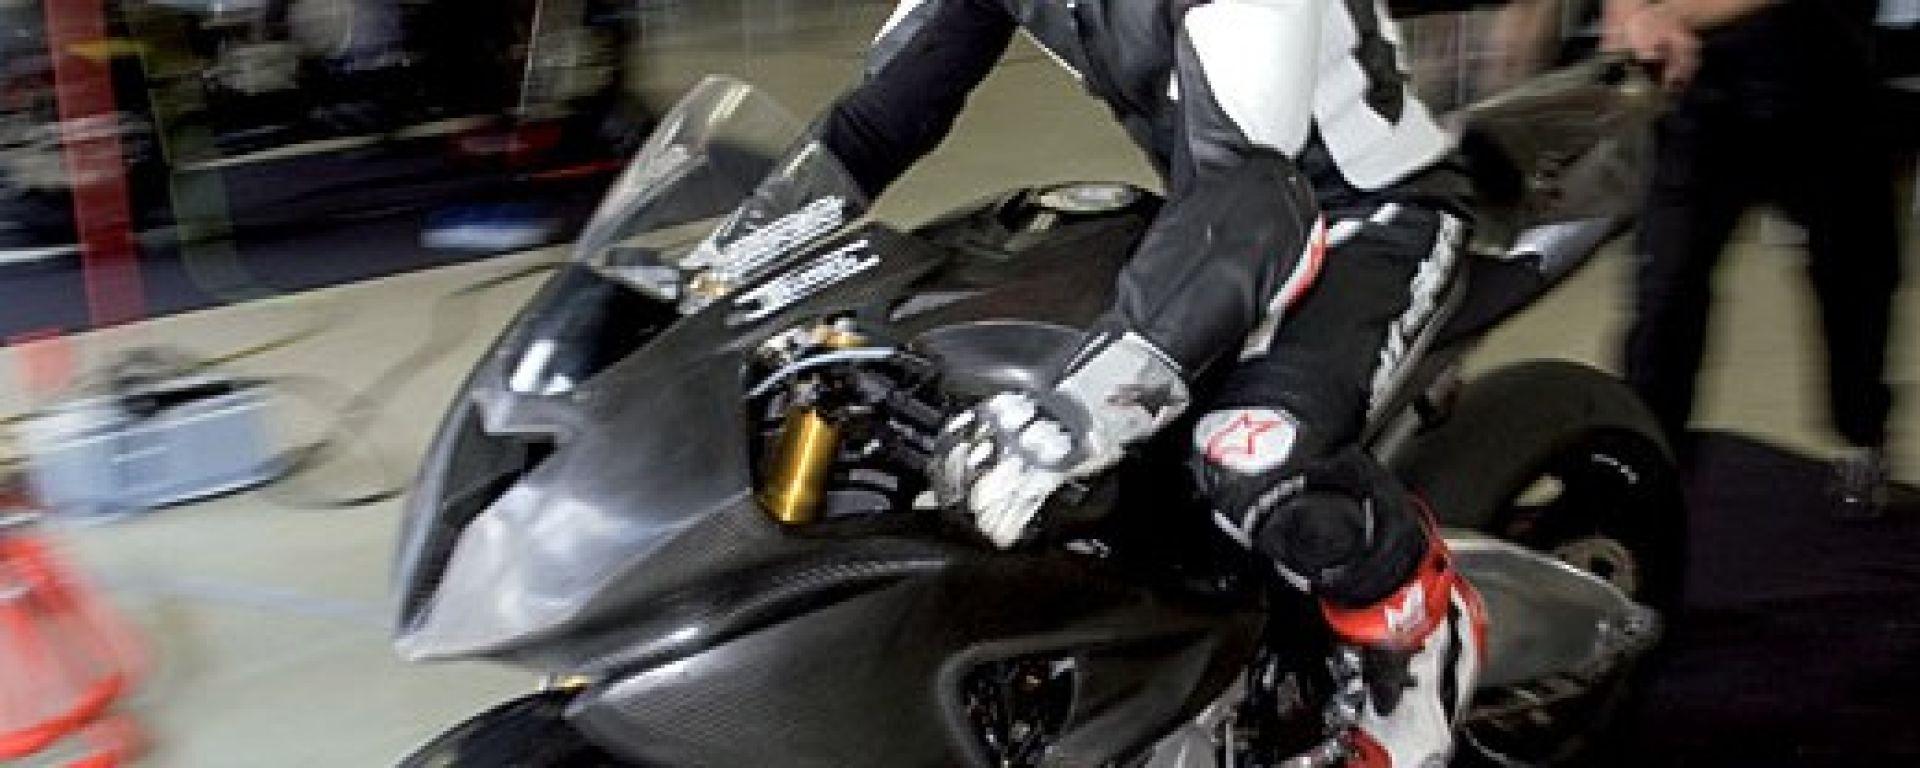 SBK vs MotoGP, occhio alle derivate di serie